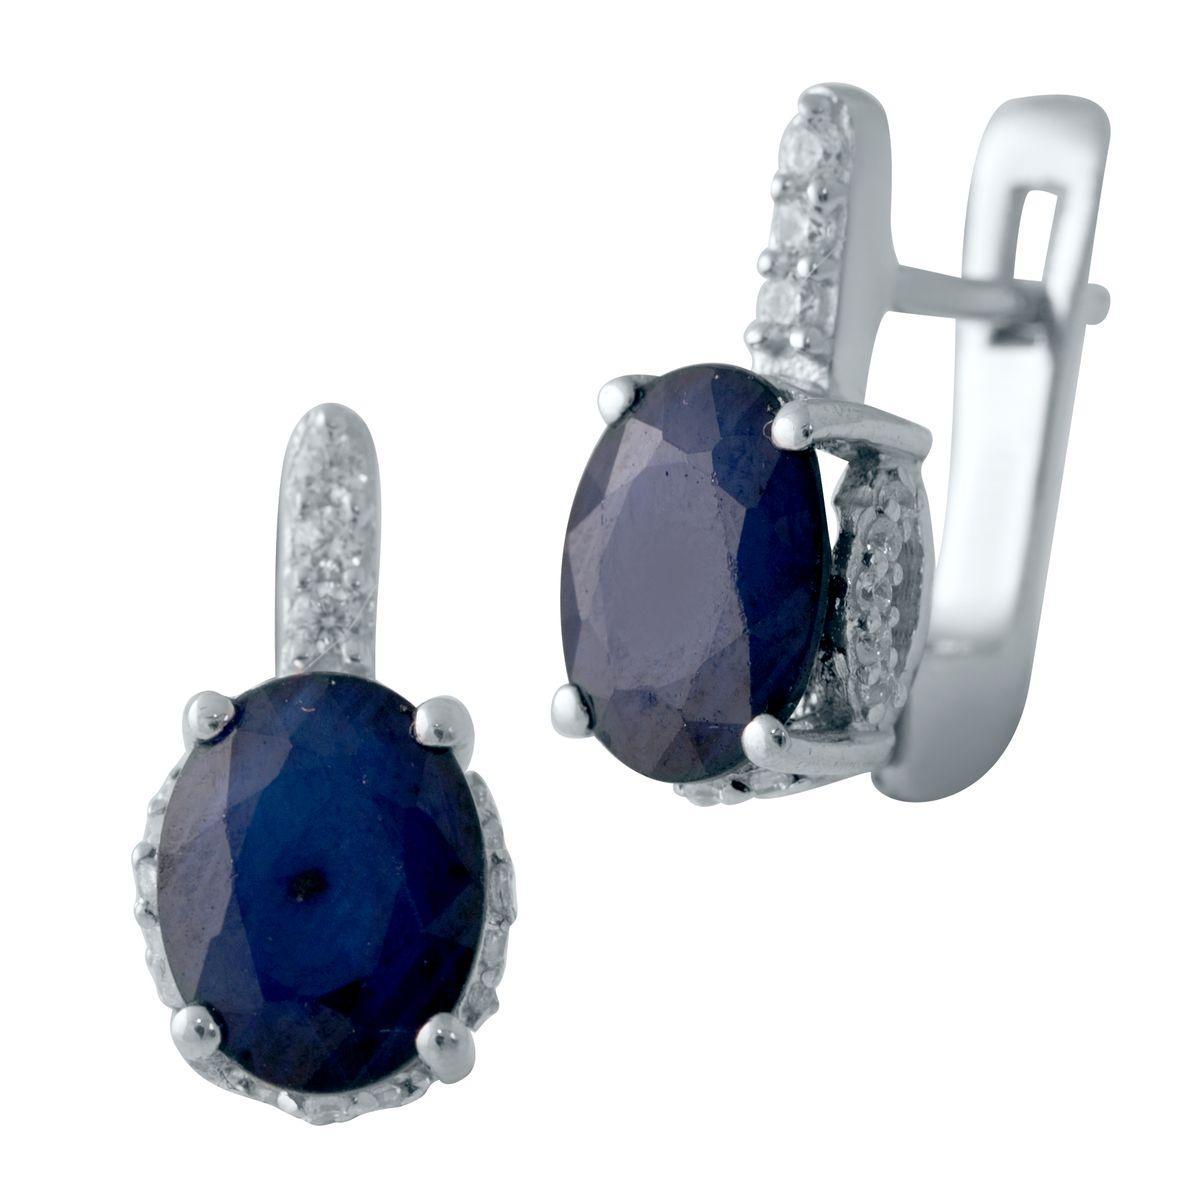 Серебряные серьги DreamJewelry с натуральным сапфиром 4.624ct (2006343)